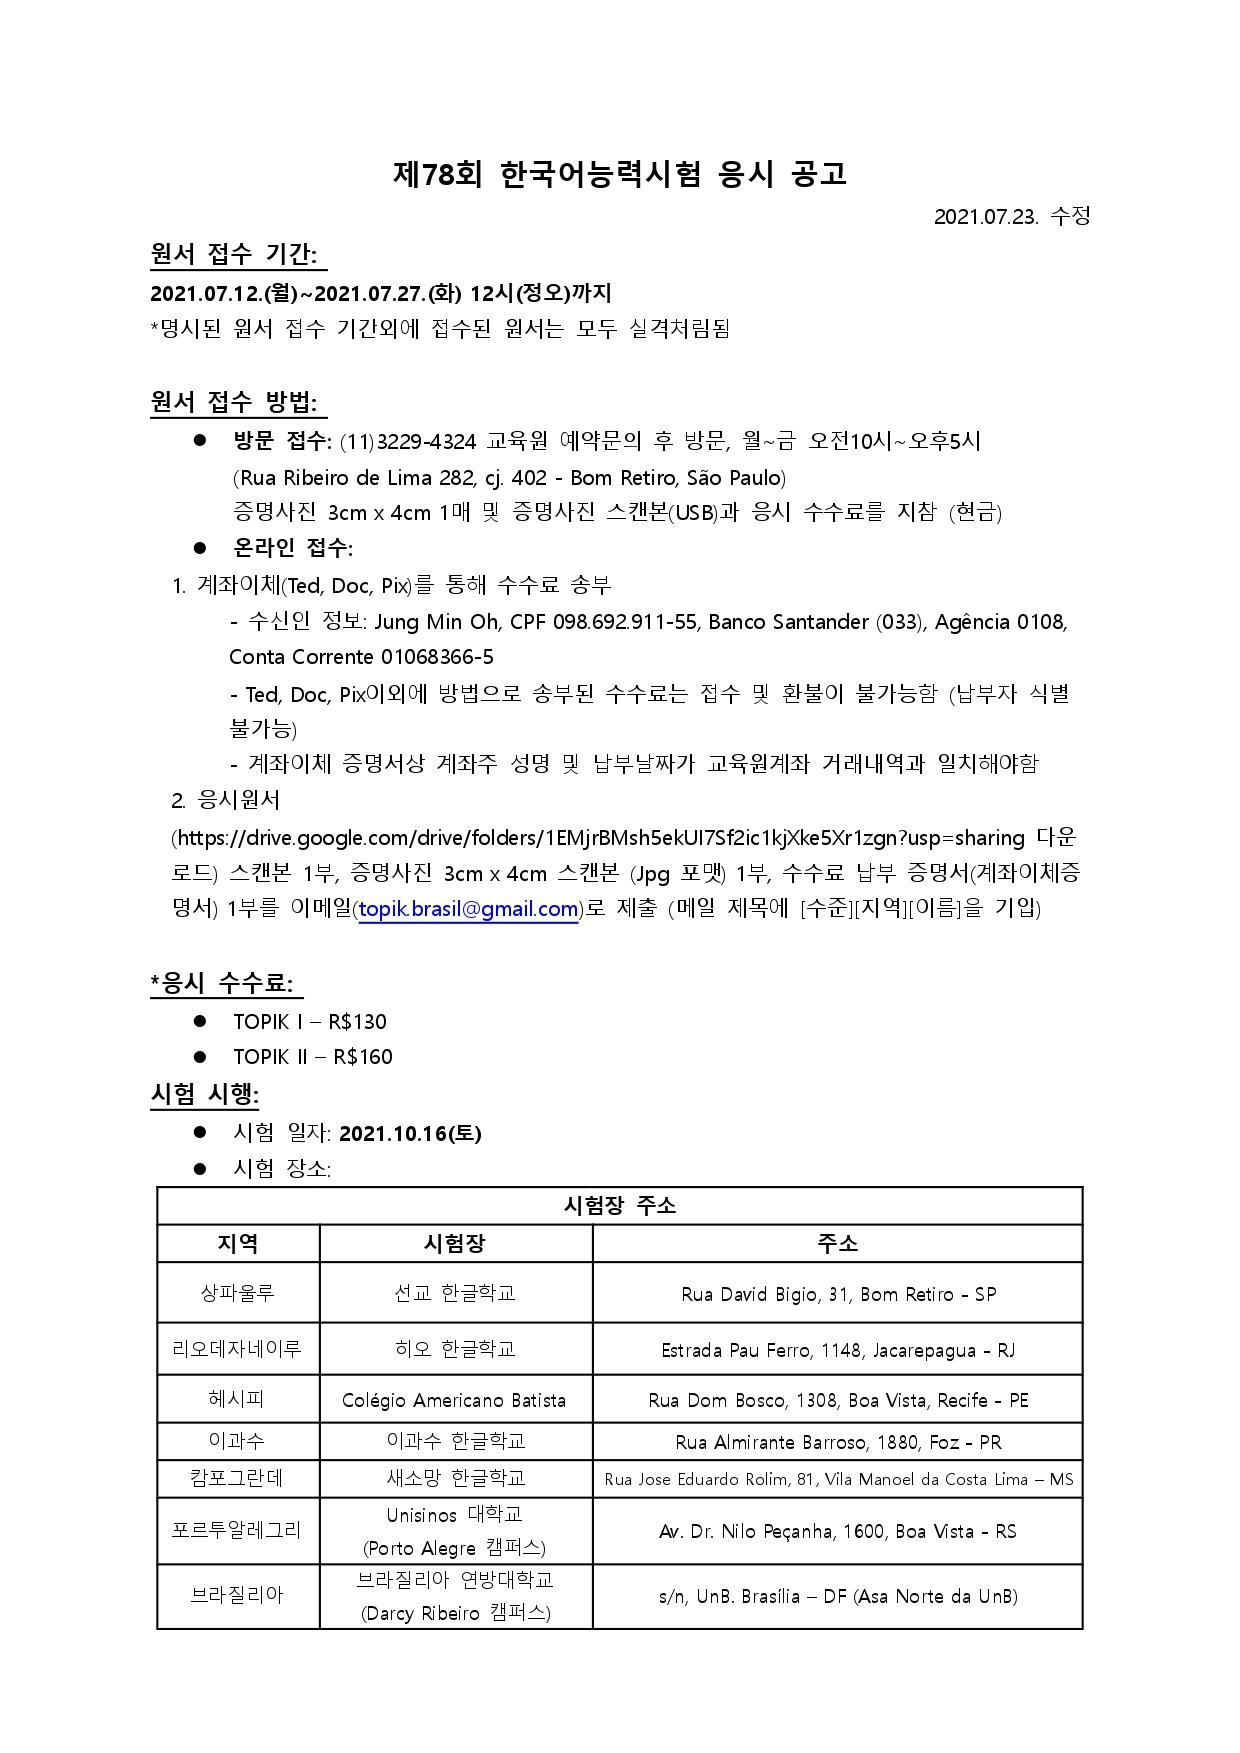 제78회 한국어능력시험 응시 공고_page-0001.jpg